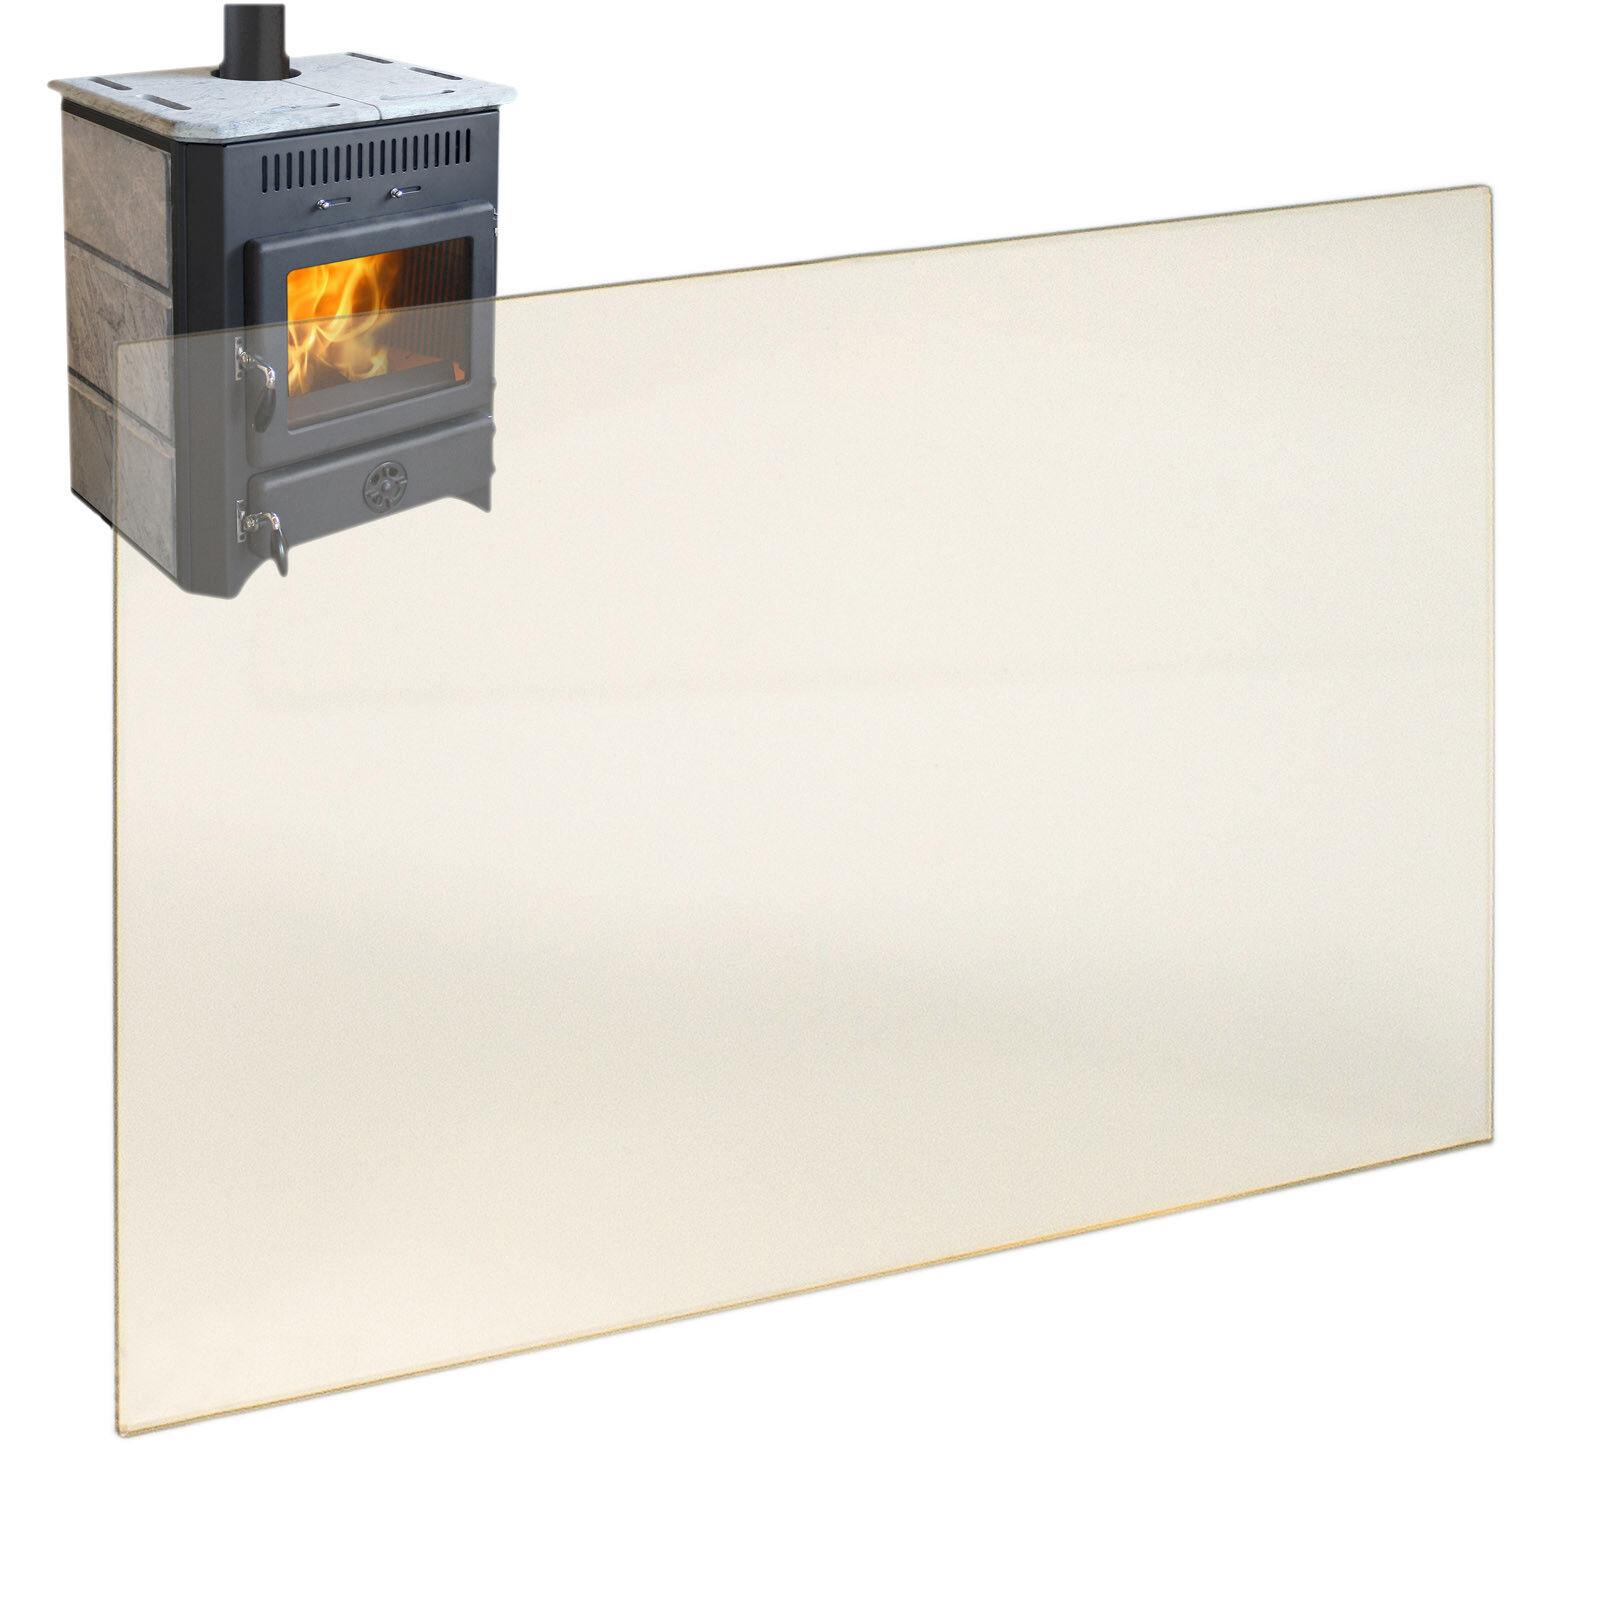 Hitzeschutzglas selbstreinigund Kaminglas Ofenglas Sichtscheibe Ofen 330 x 275mm